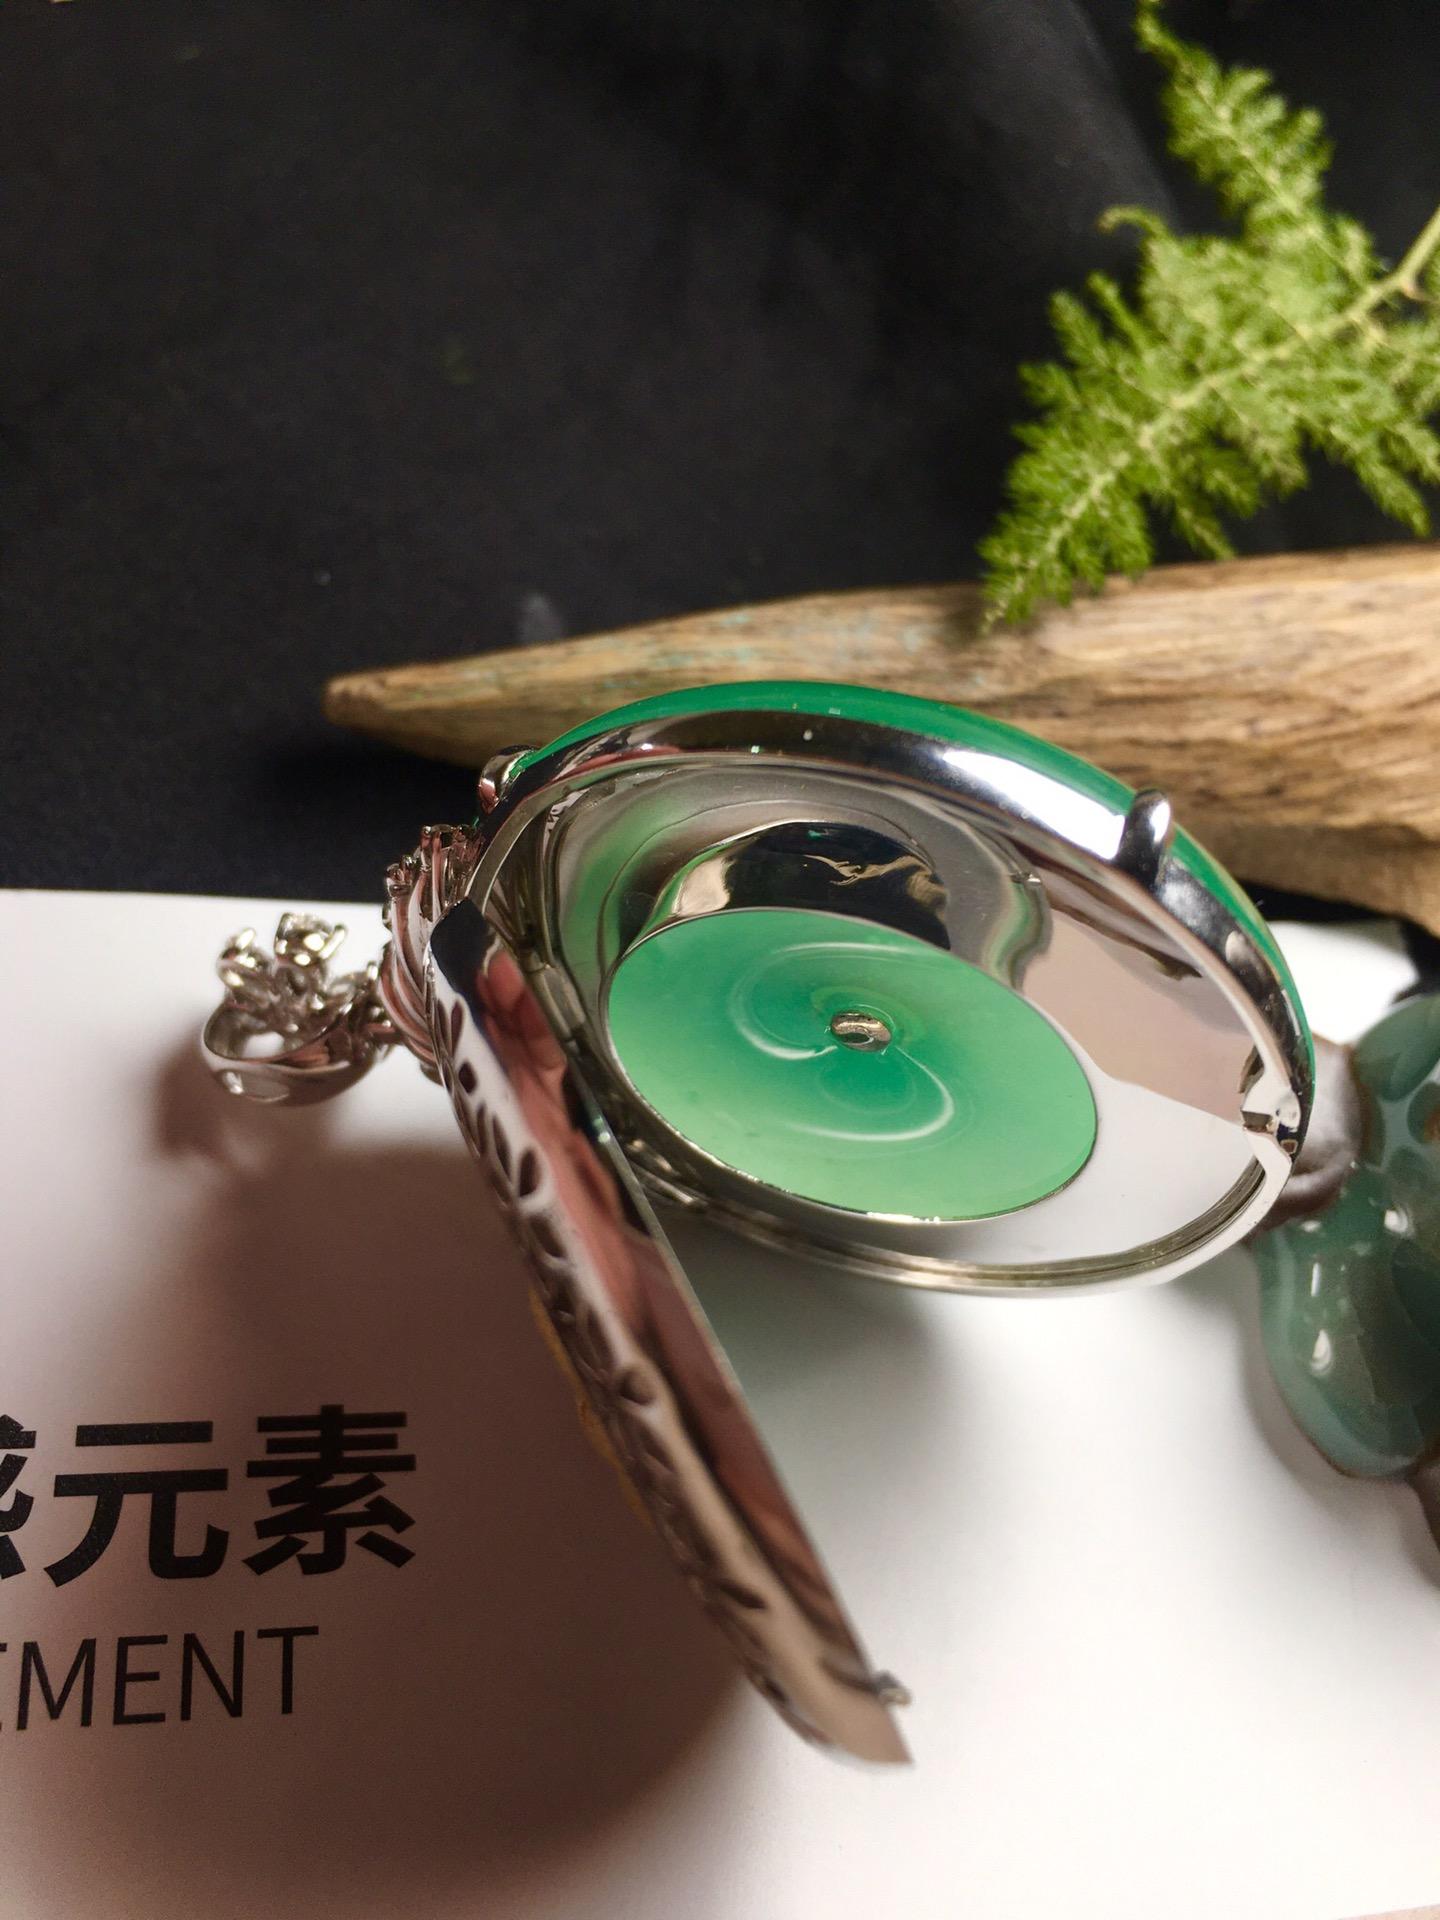 价:【平安扣,冰正阳绿】通透,润水细腻,完美,18k金华奢钻镶石嵌☕第6张